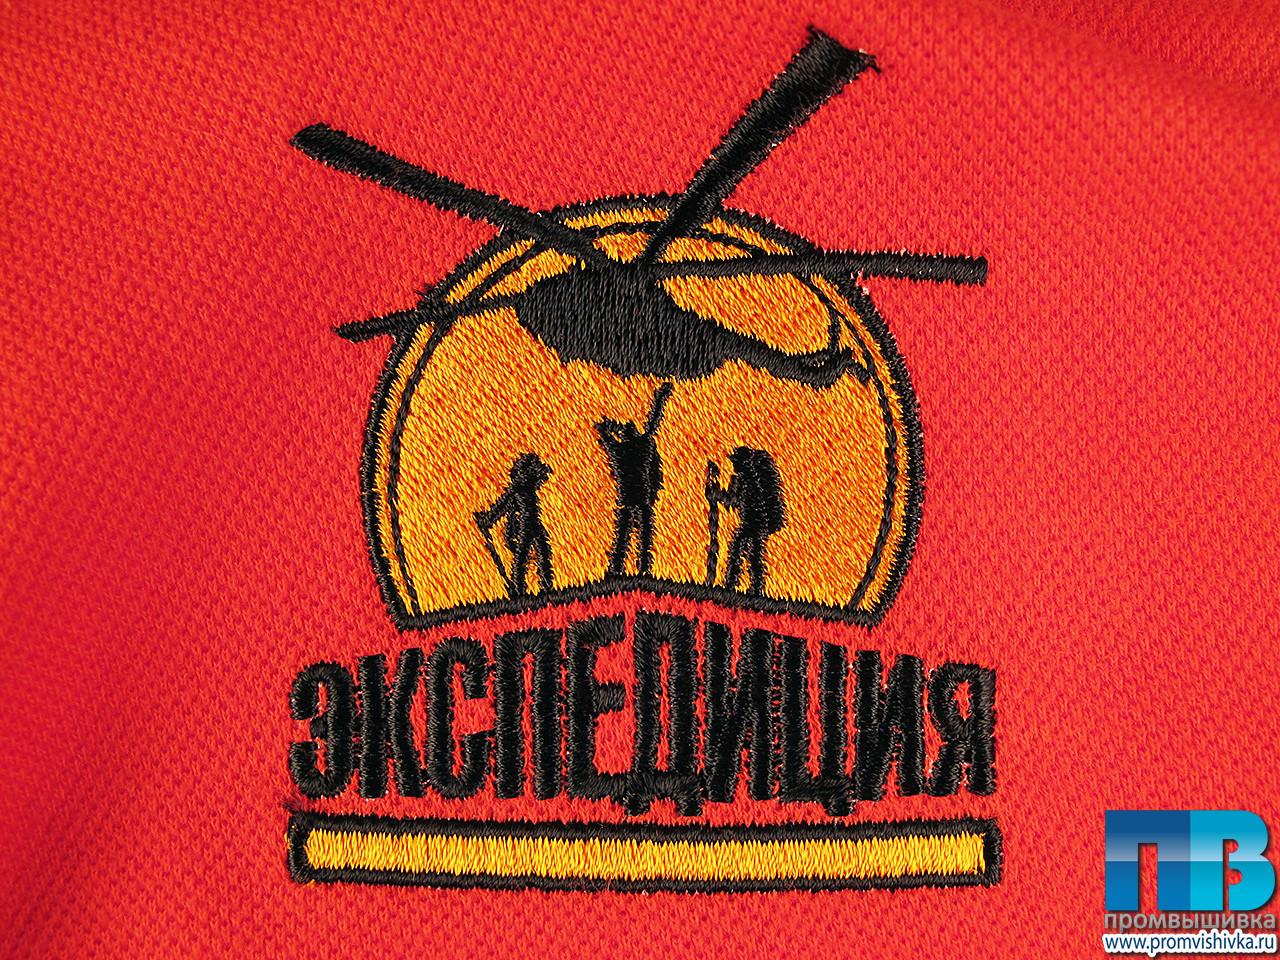 Логотип вышивка на заказ